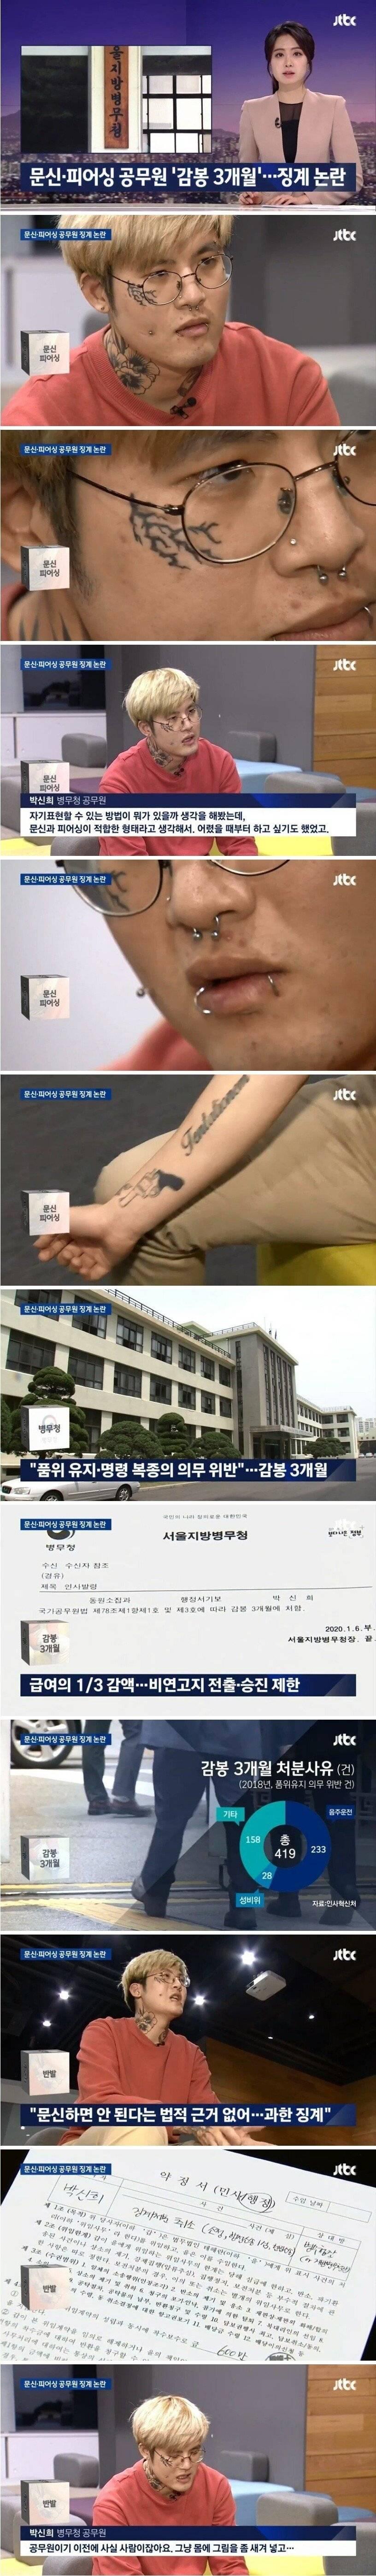 문신,피어싱으로 징계받은 공무원 논란.jpg | 인스티즈